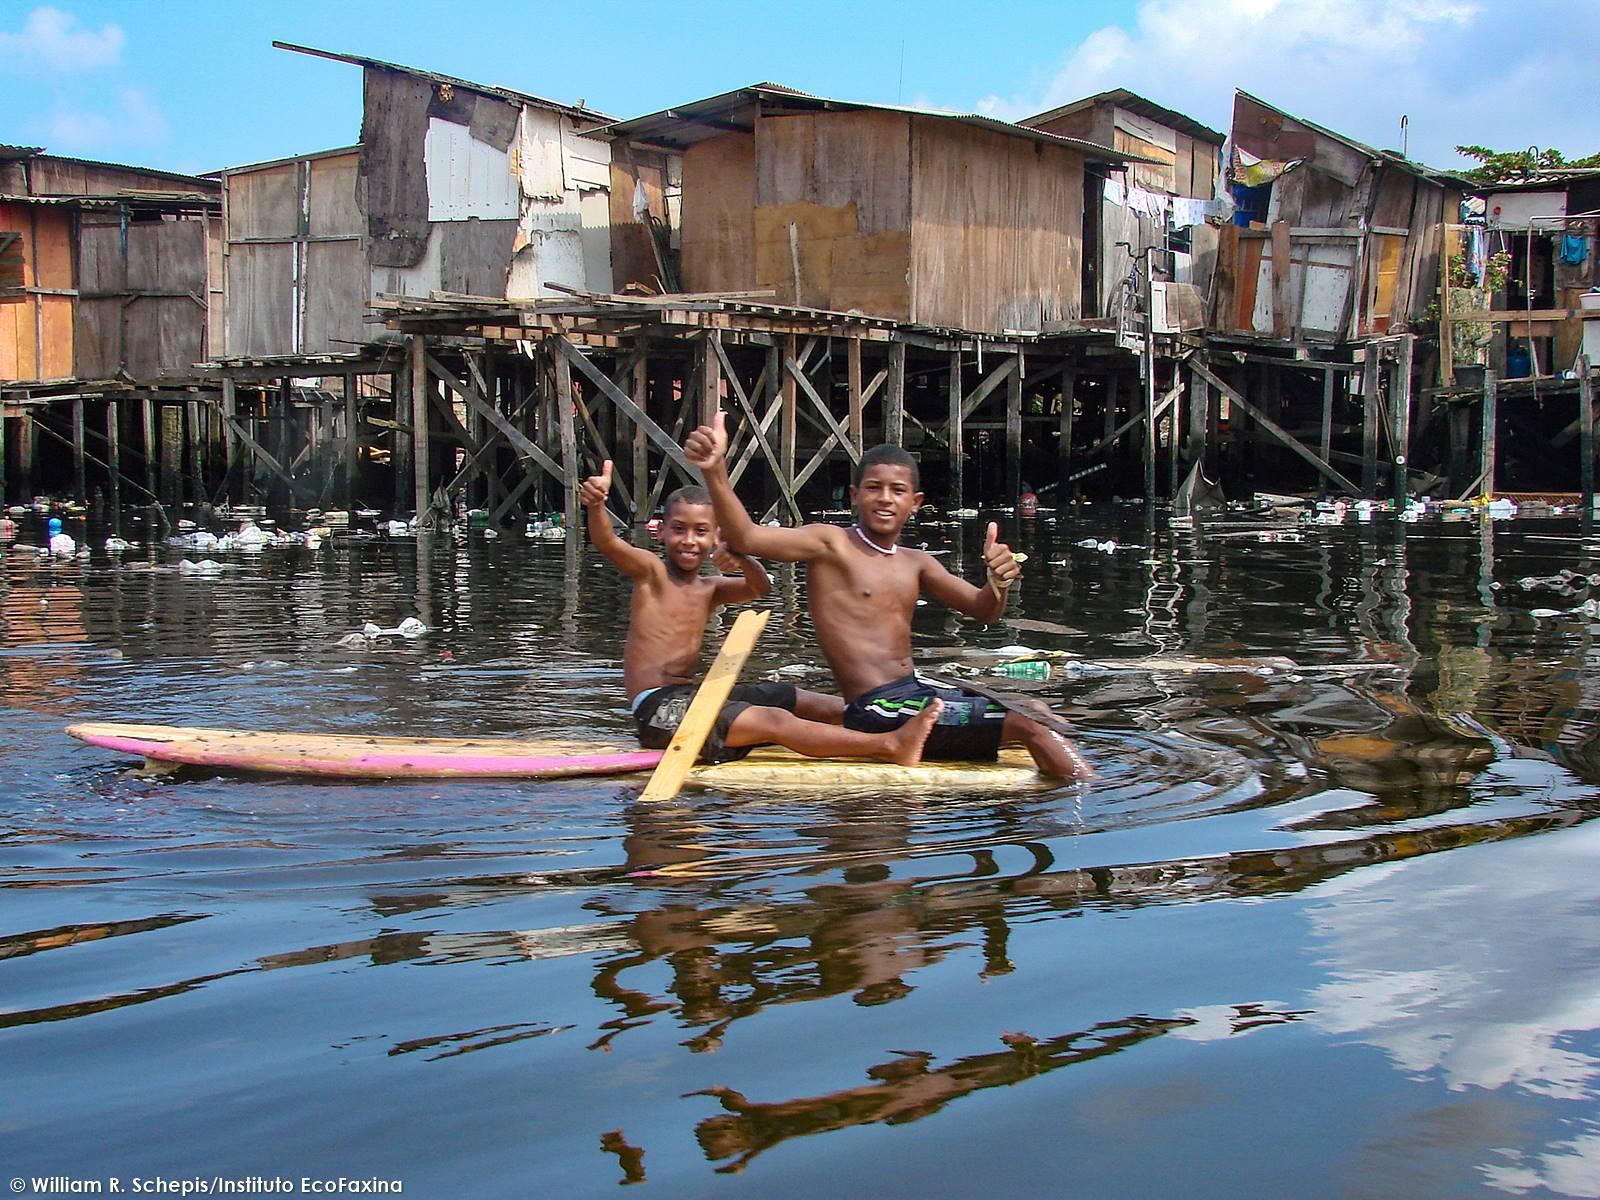 Milhares de crianças ainda convivem muito com lixo e esgoto no estuário de Santos.